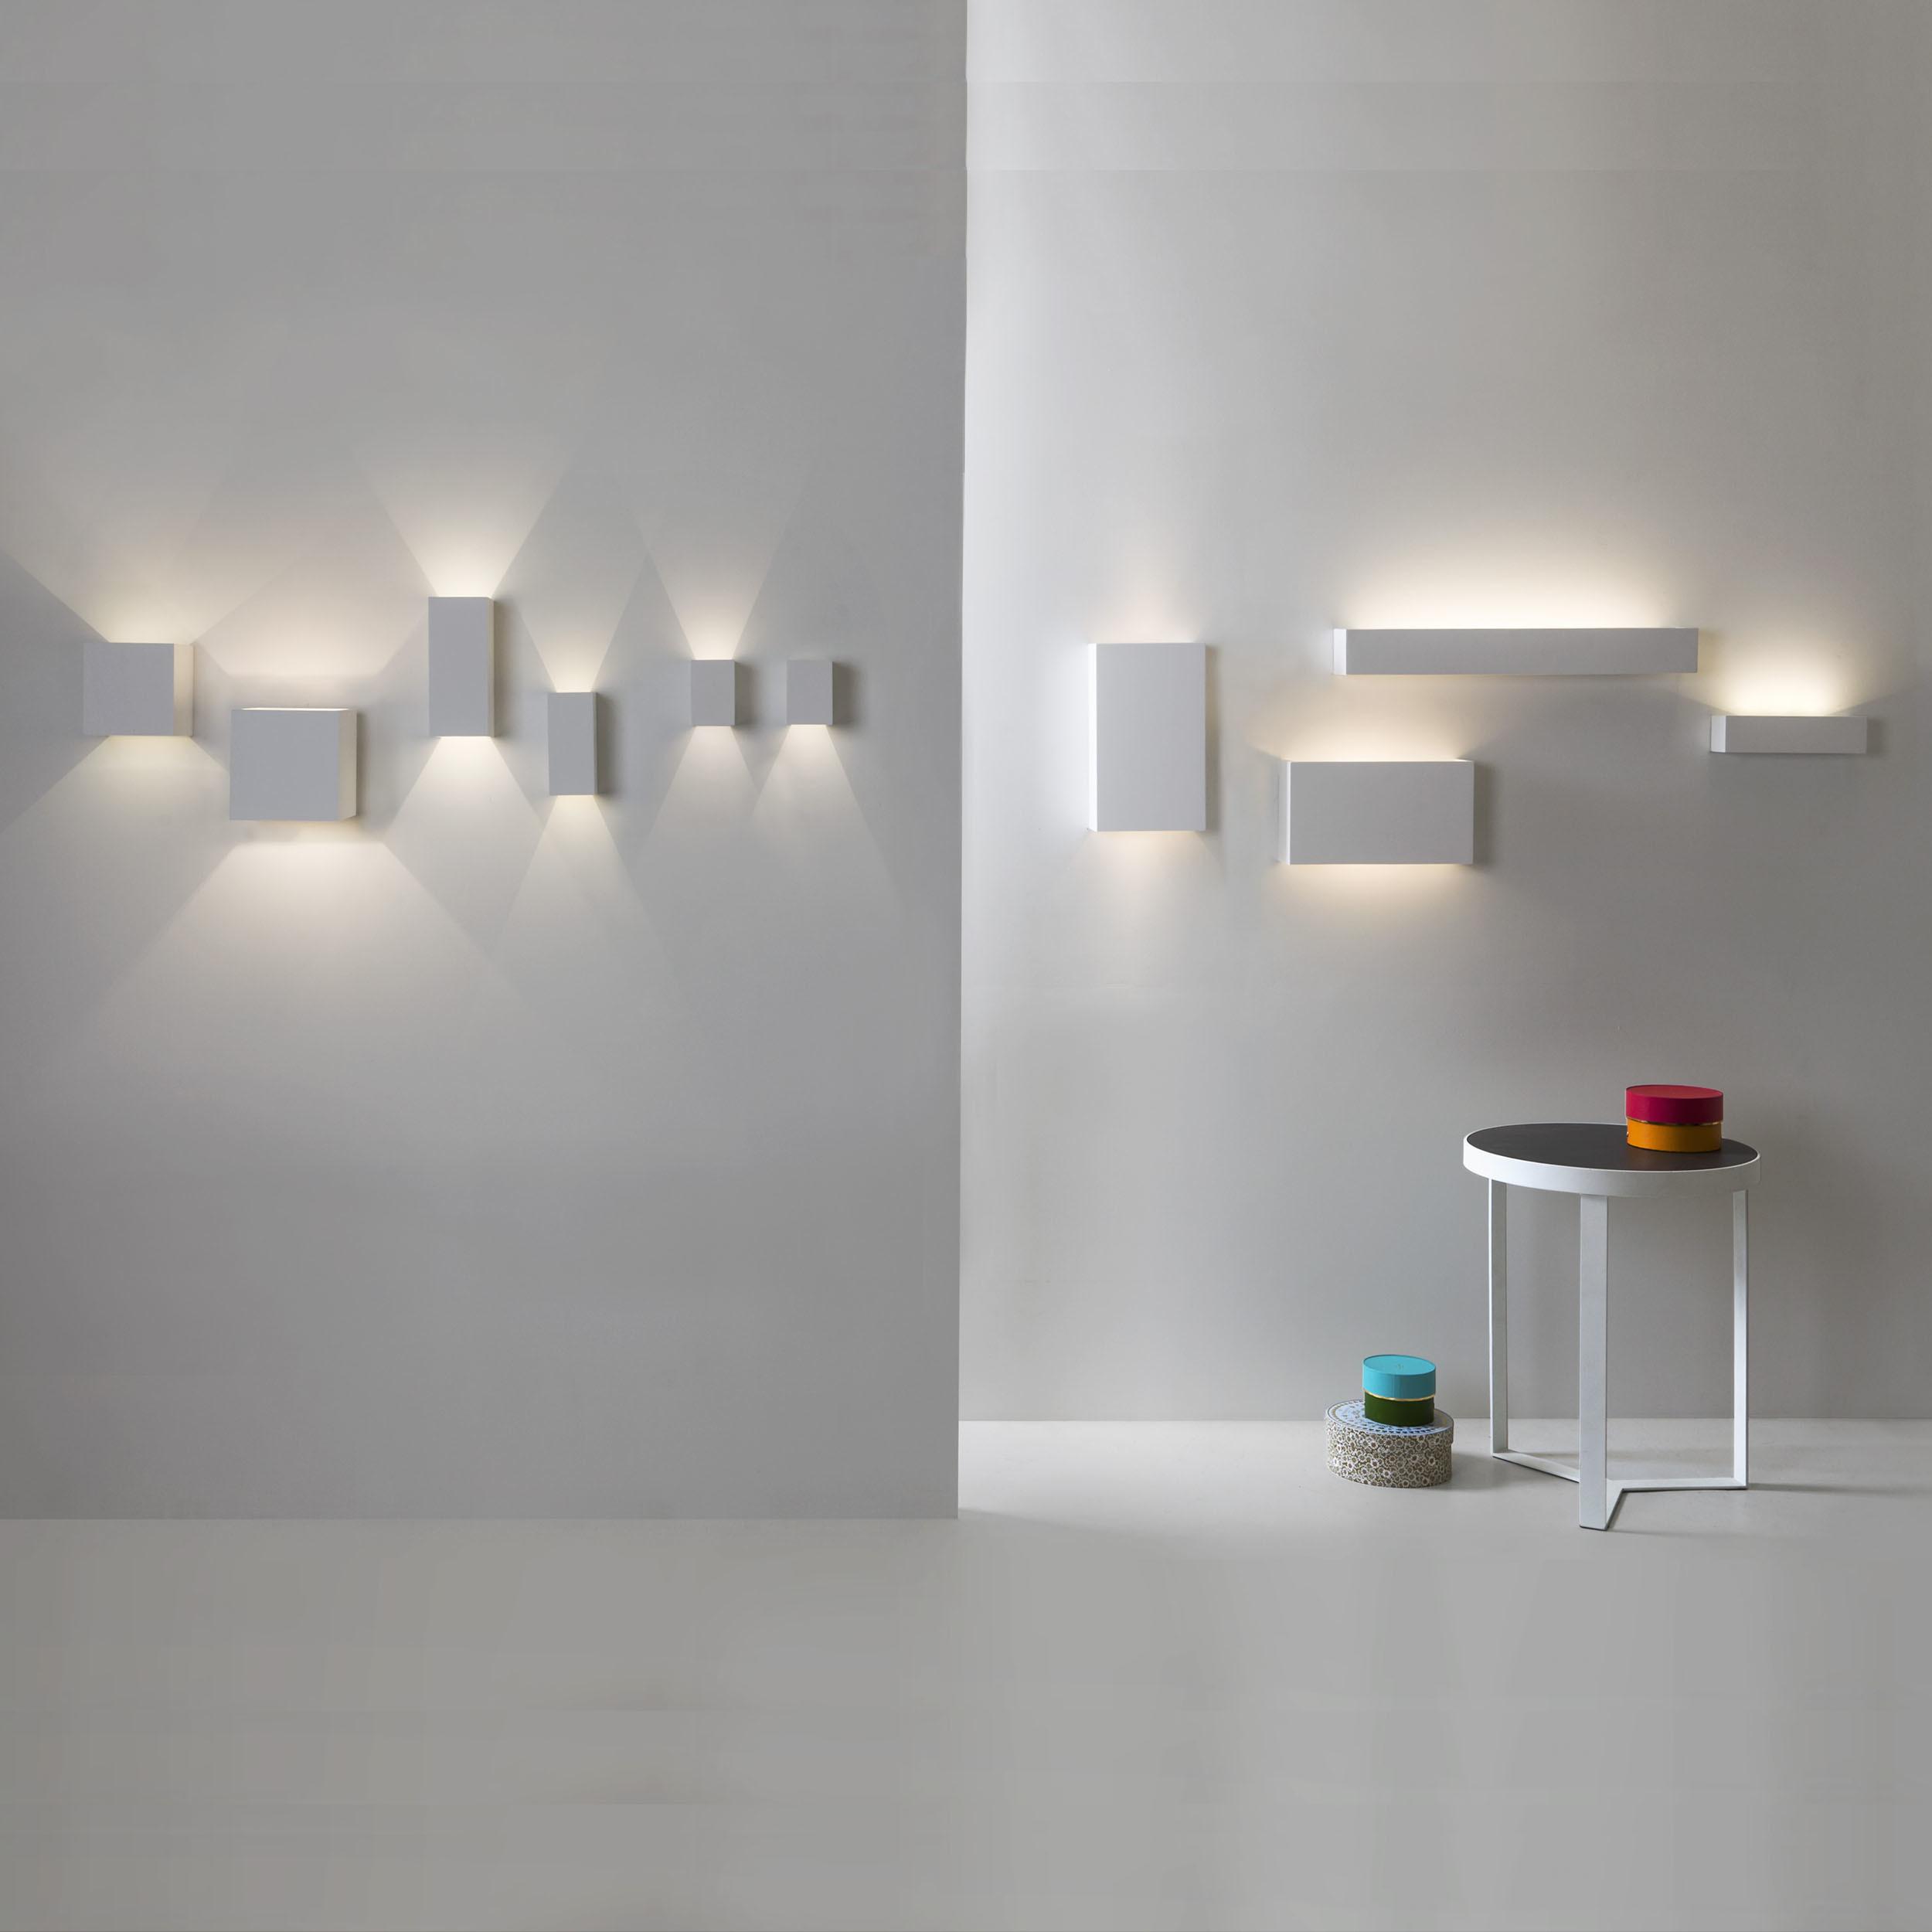 Настенный светильник Astro Pella 1315002 (7141), 2xGU10x50W, белый, под покраску, гипс - фото 4